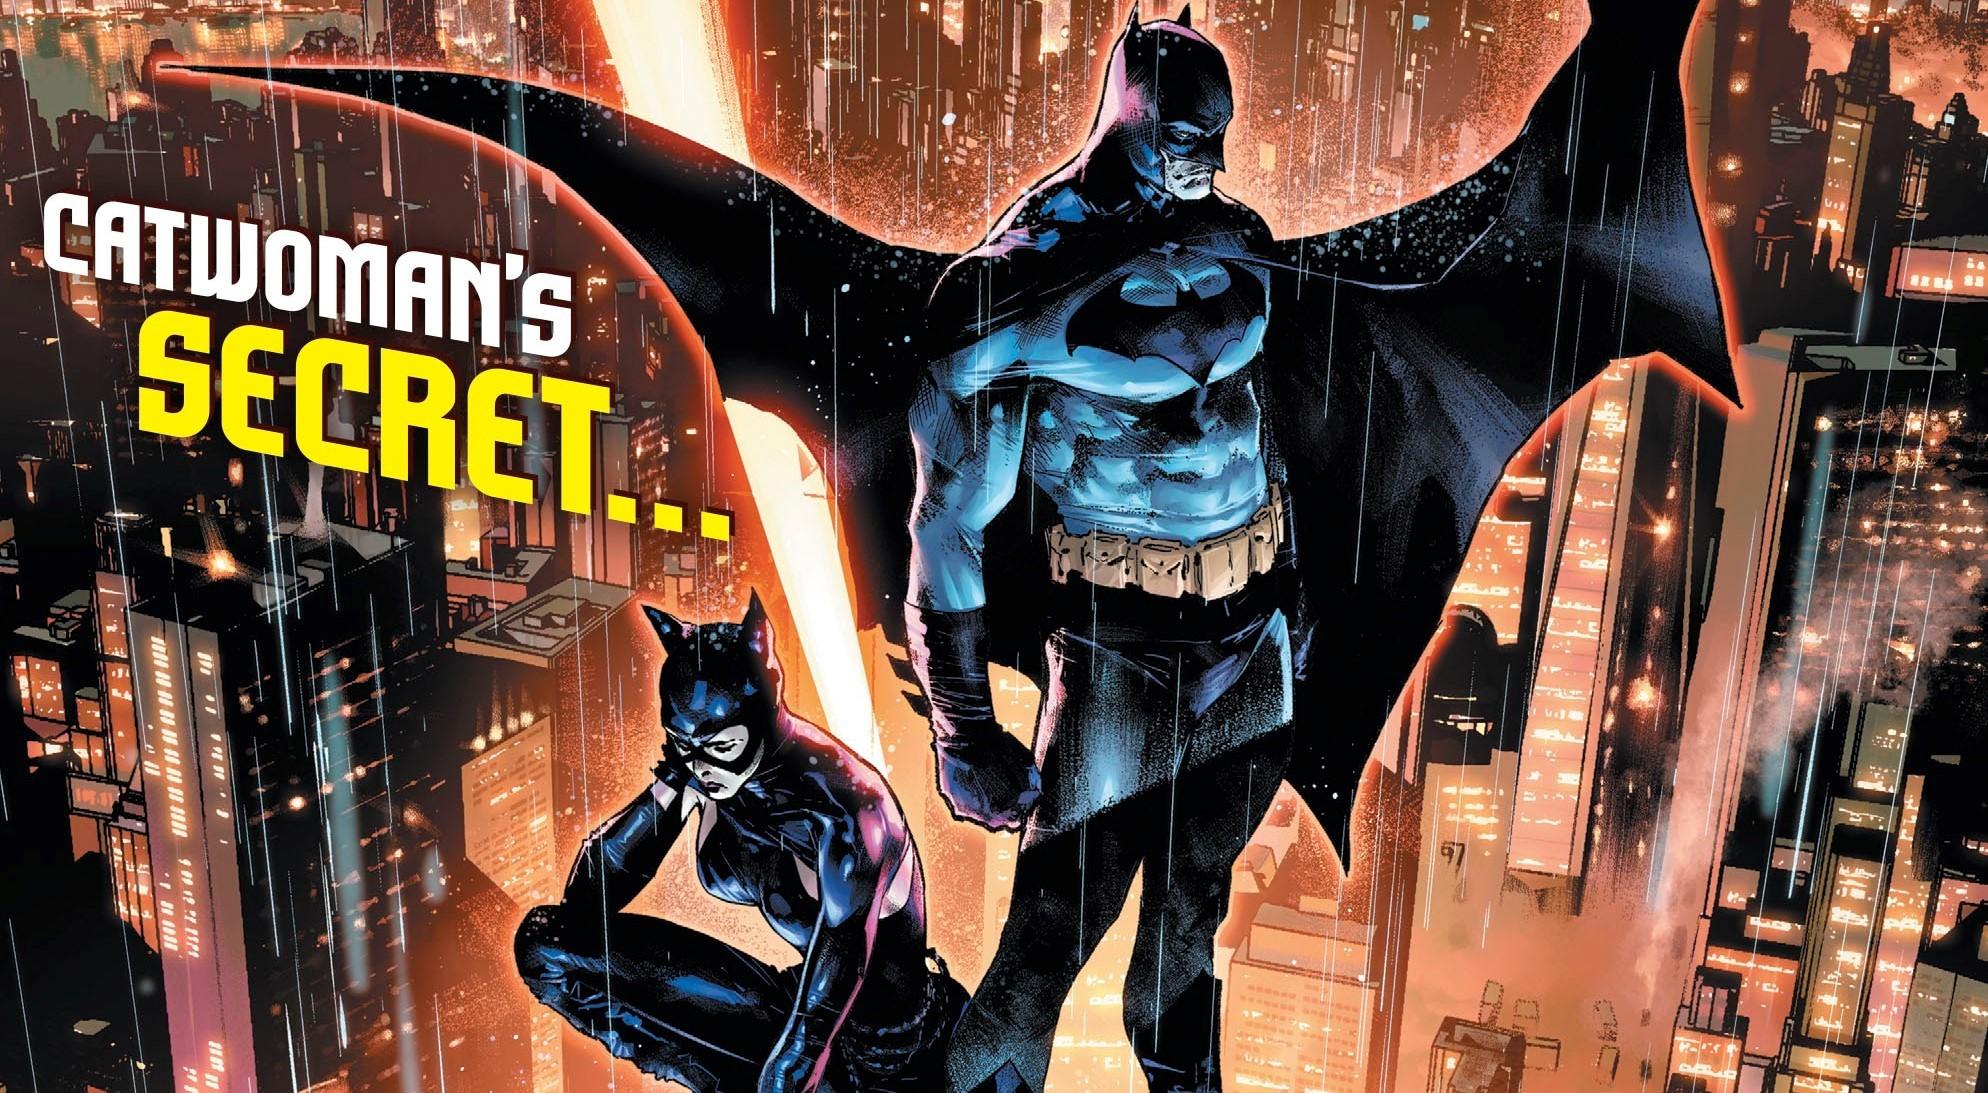 【DC宇宙相關】哈莉奎茵變成蝙蝠俠的軍師?小丑過去曾殺死新惡棍「設計師」!